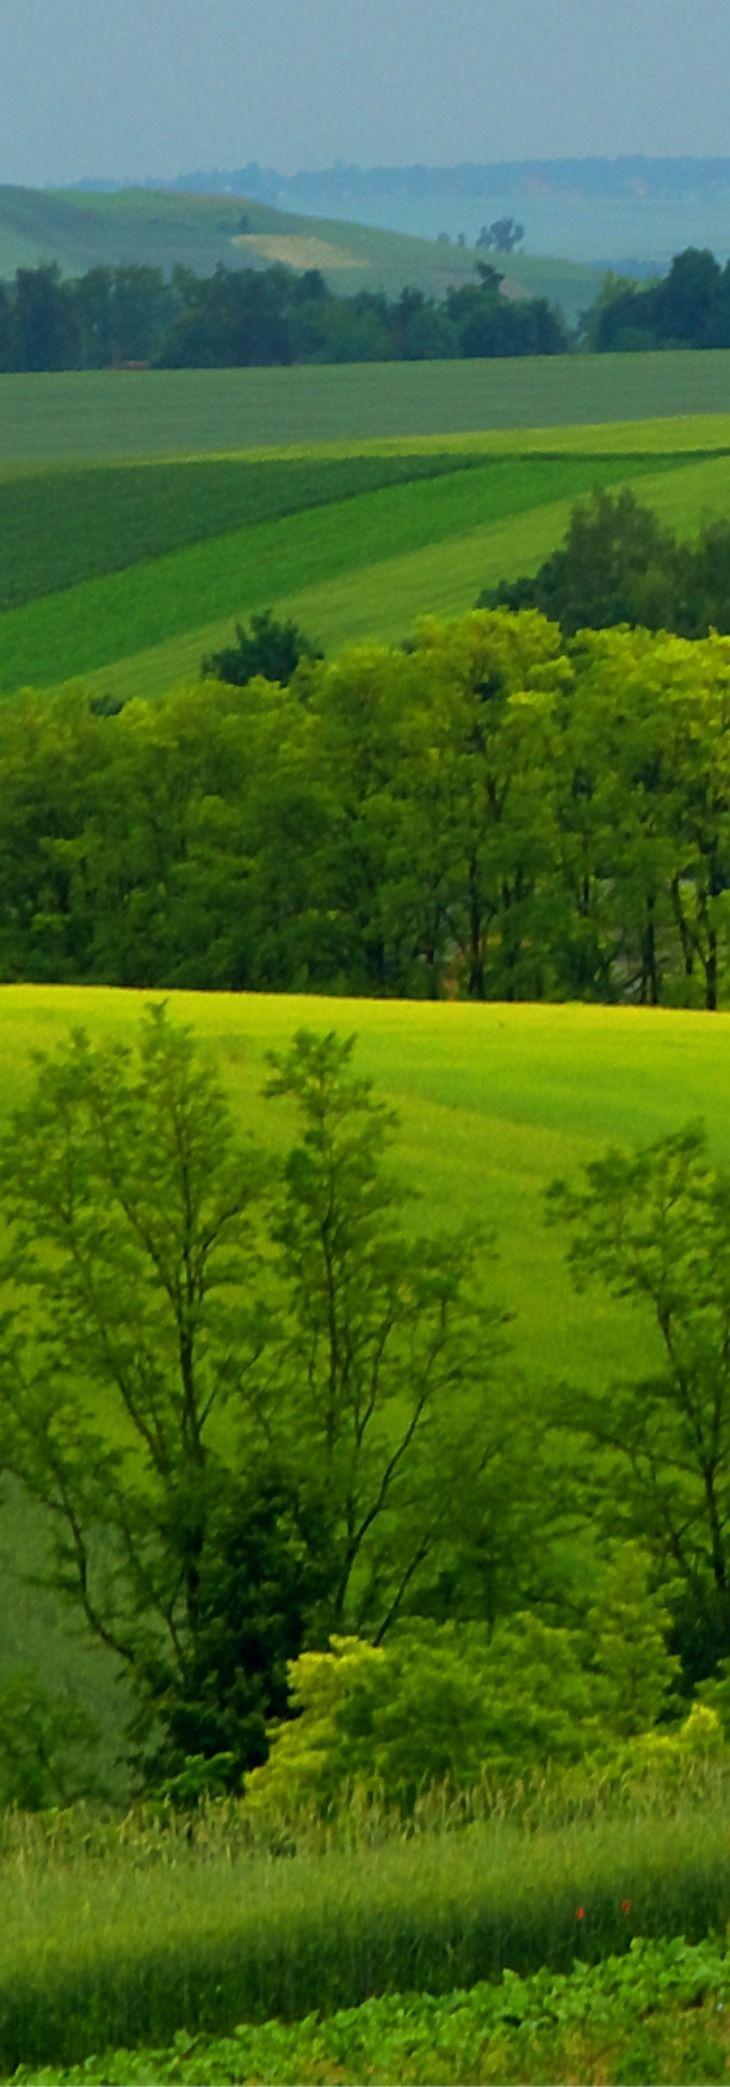 Janikowice, Lesser Poland, Poland